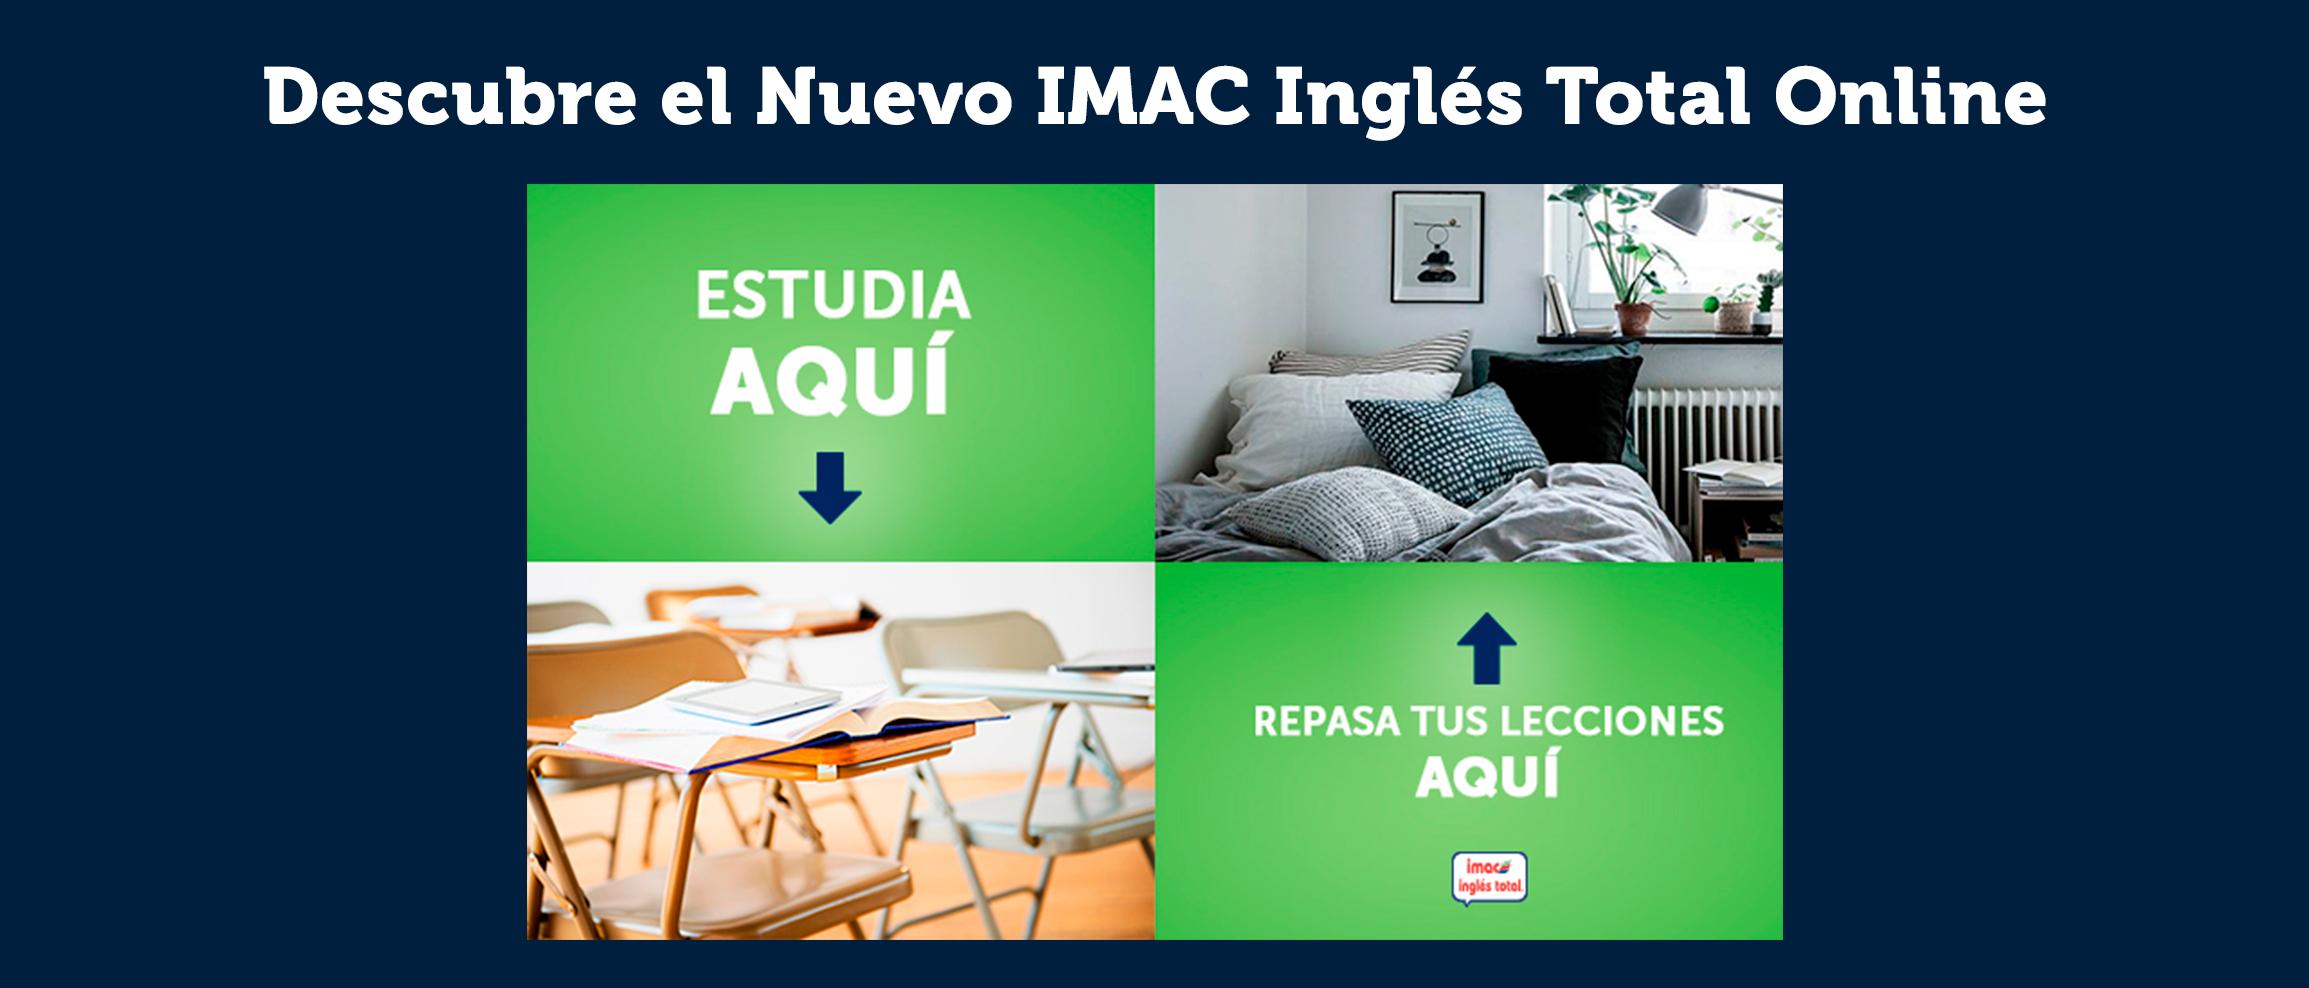 Cursos de ingles en guadalajara mexico imac ingles total escuela de ingles en mexico